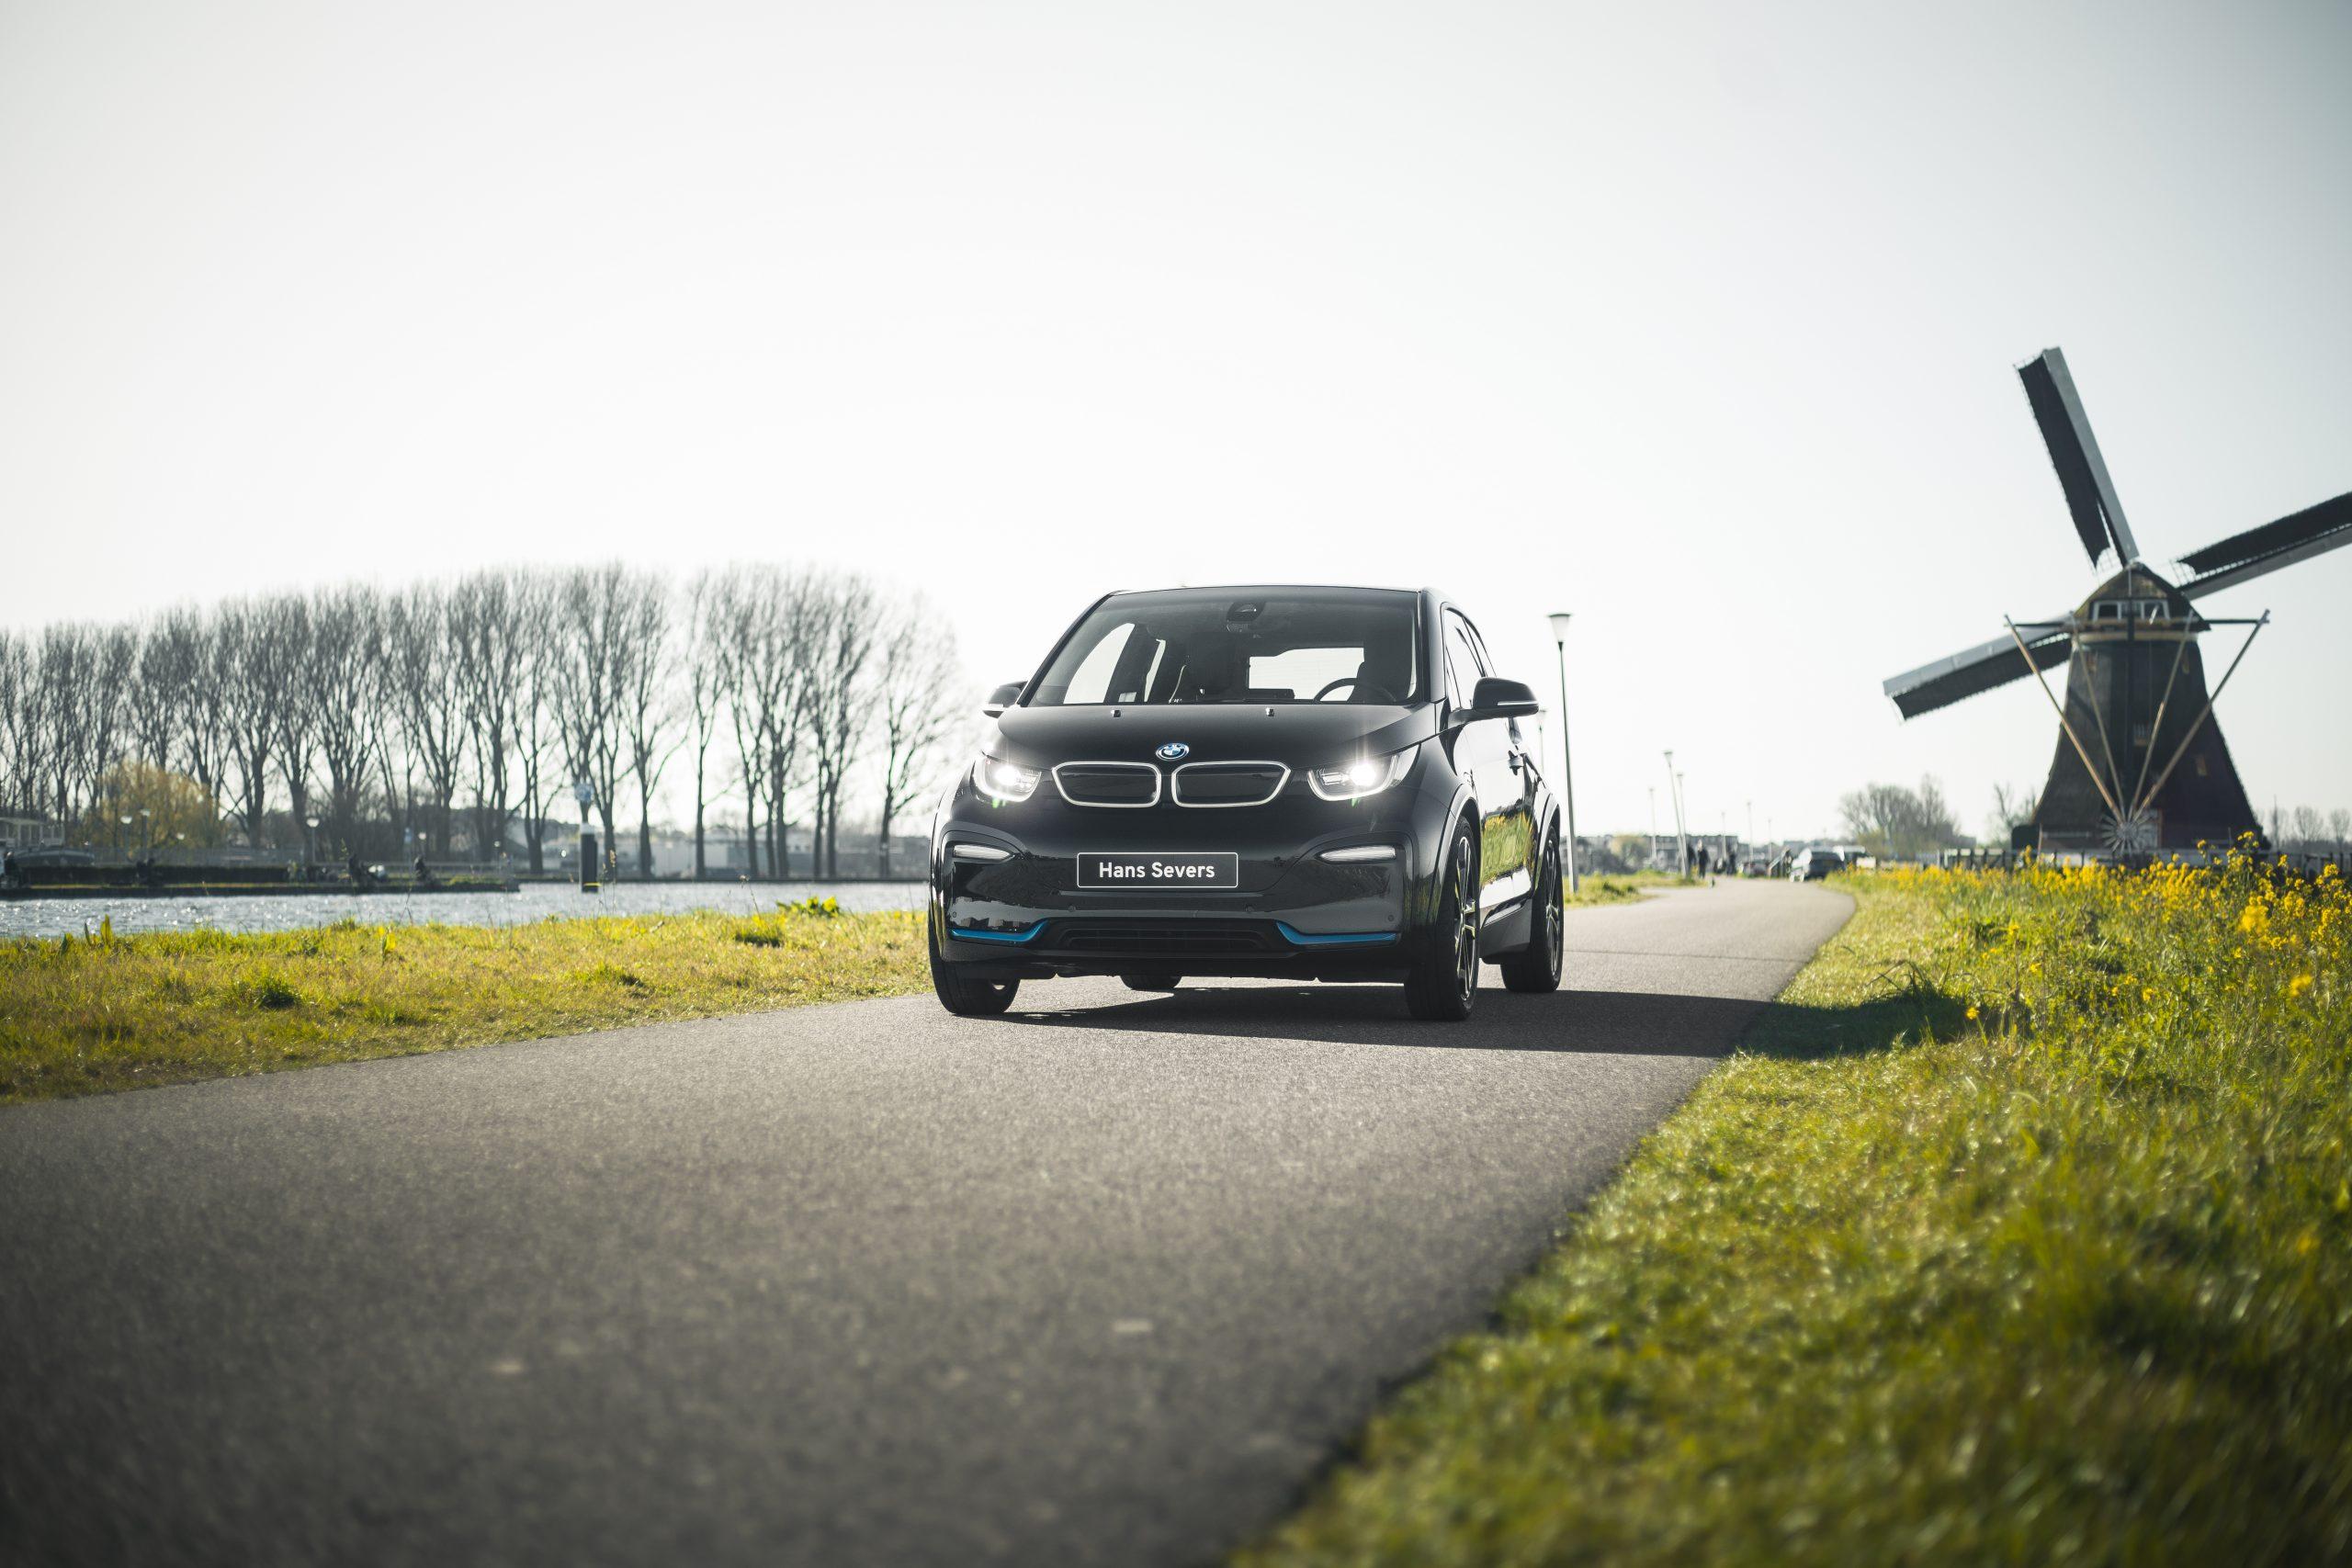 Tijdelijk financieringsaanbod voor nieuwe BMW's